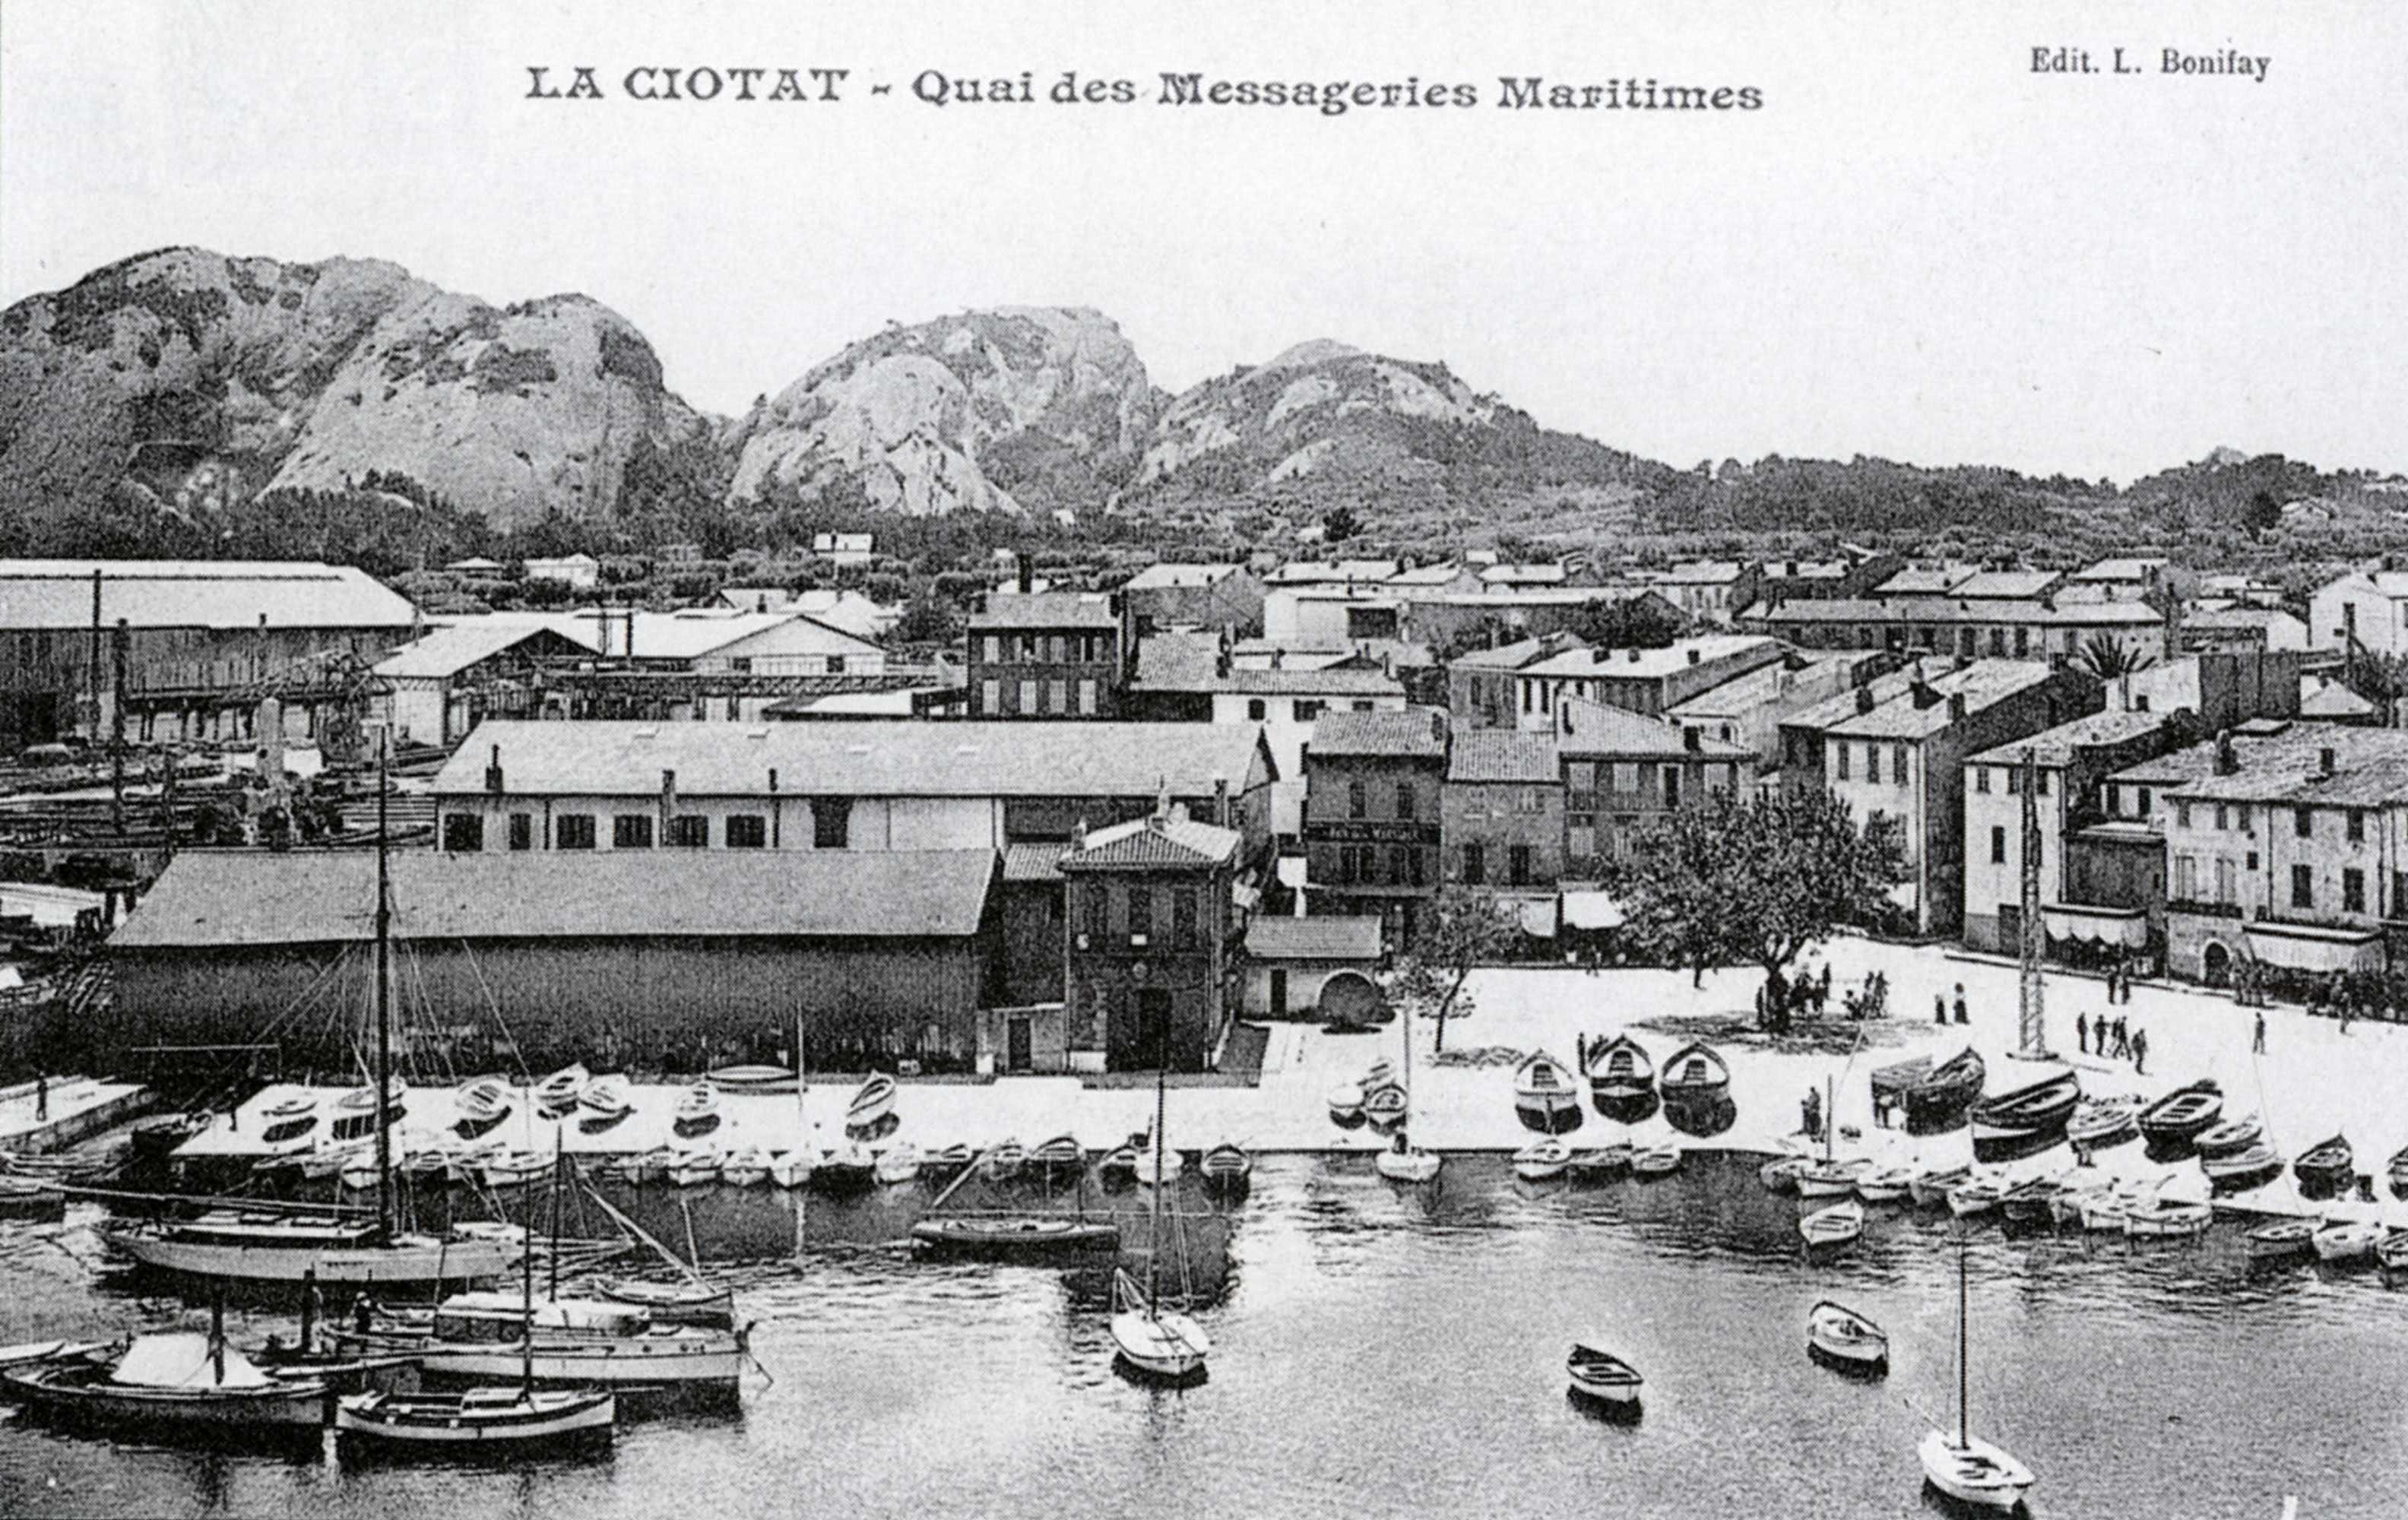 La quiétude du quartier de l'Escalet au tout début du XXème siècle. La douane était installée dans le petit bâtiment central. - 1905